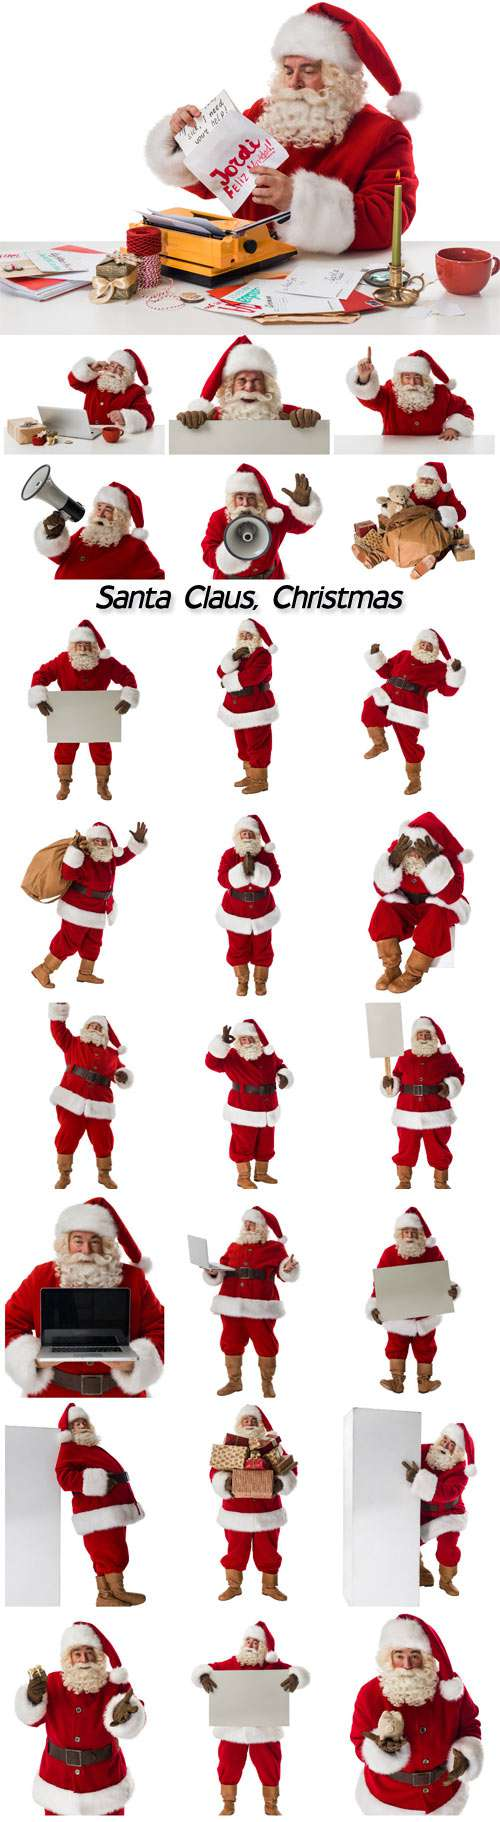 Санта Клаус с баннером